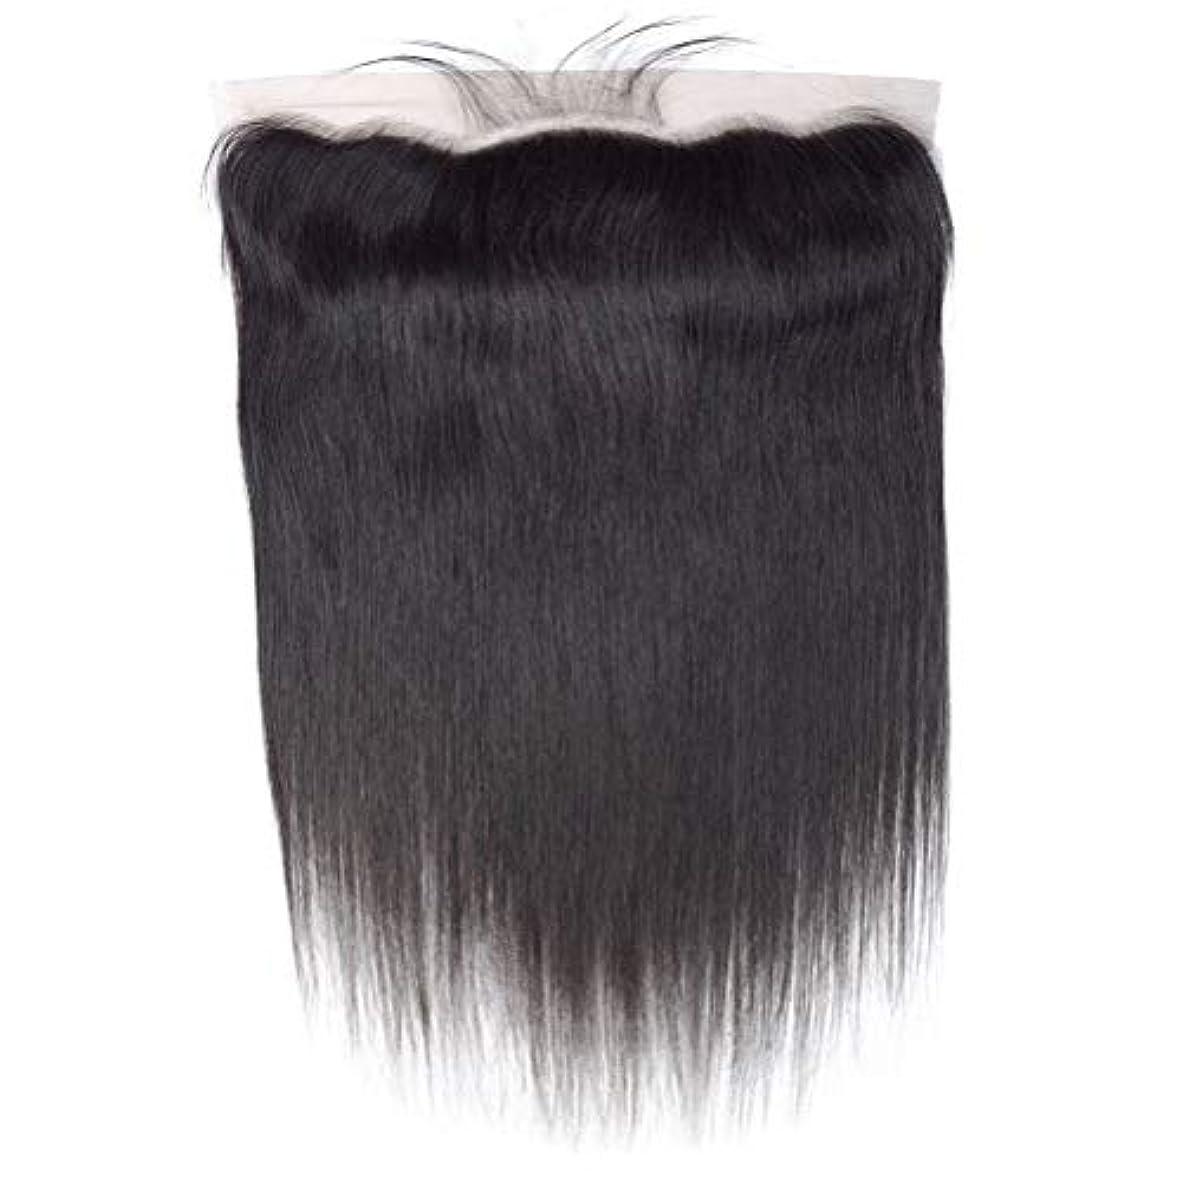 警戒ベッドを作る回復する髪の毛ブラジル髪織りまっすぐ人間の髪の毛レース前頭耳に耳13 x 4フリーパーツ前頭葉で赤ん坊の髪漂白ノットナチュラルカラー